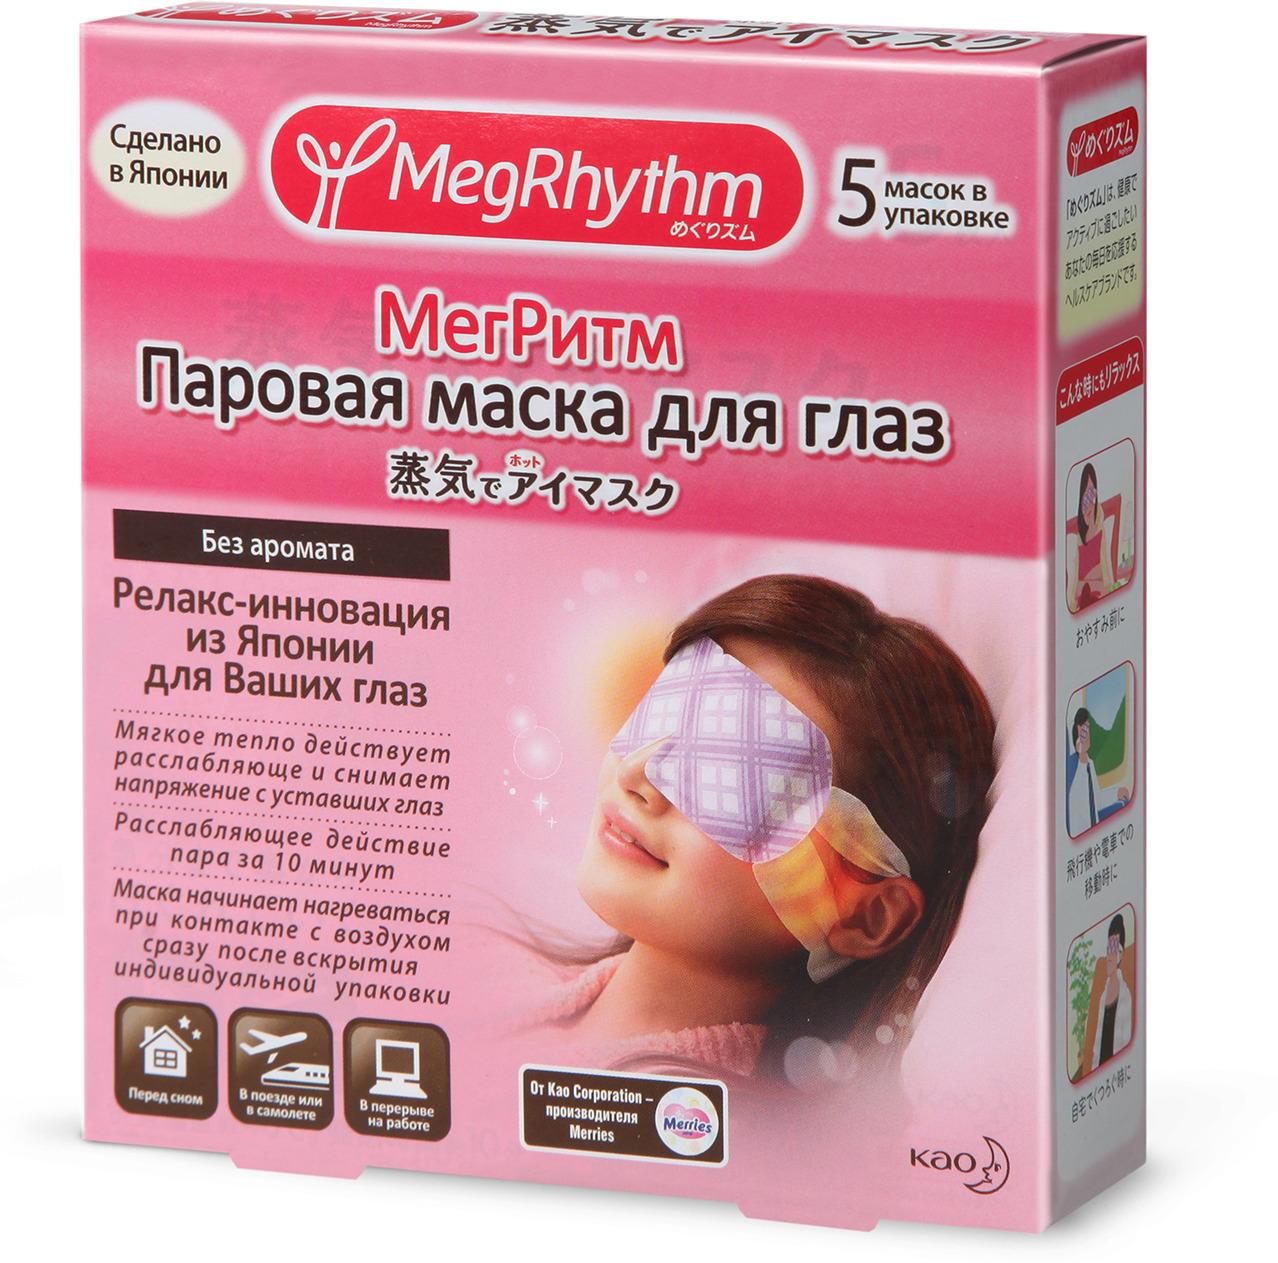 MegRhythm Паровая маска для глаз (Без запаха) 5 шт цена 2017